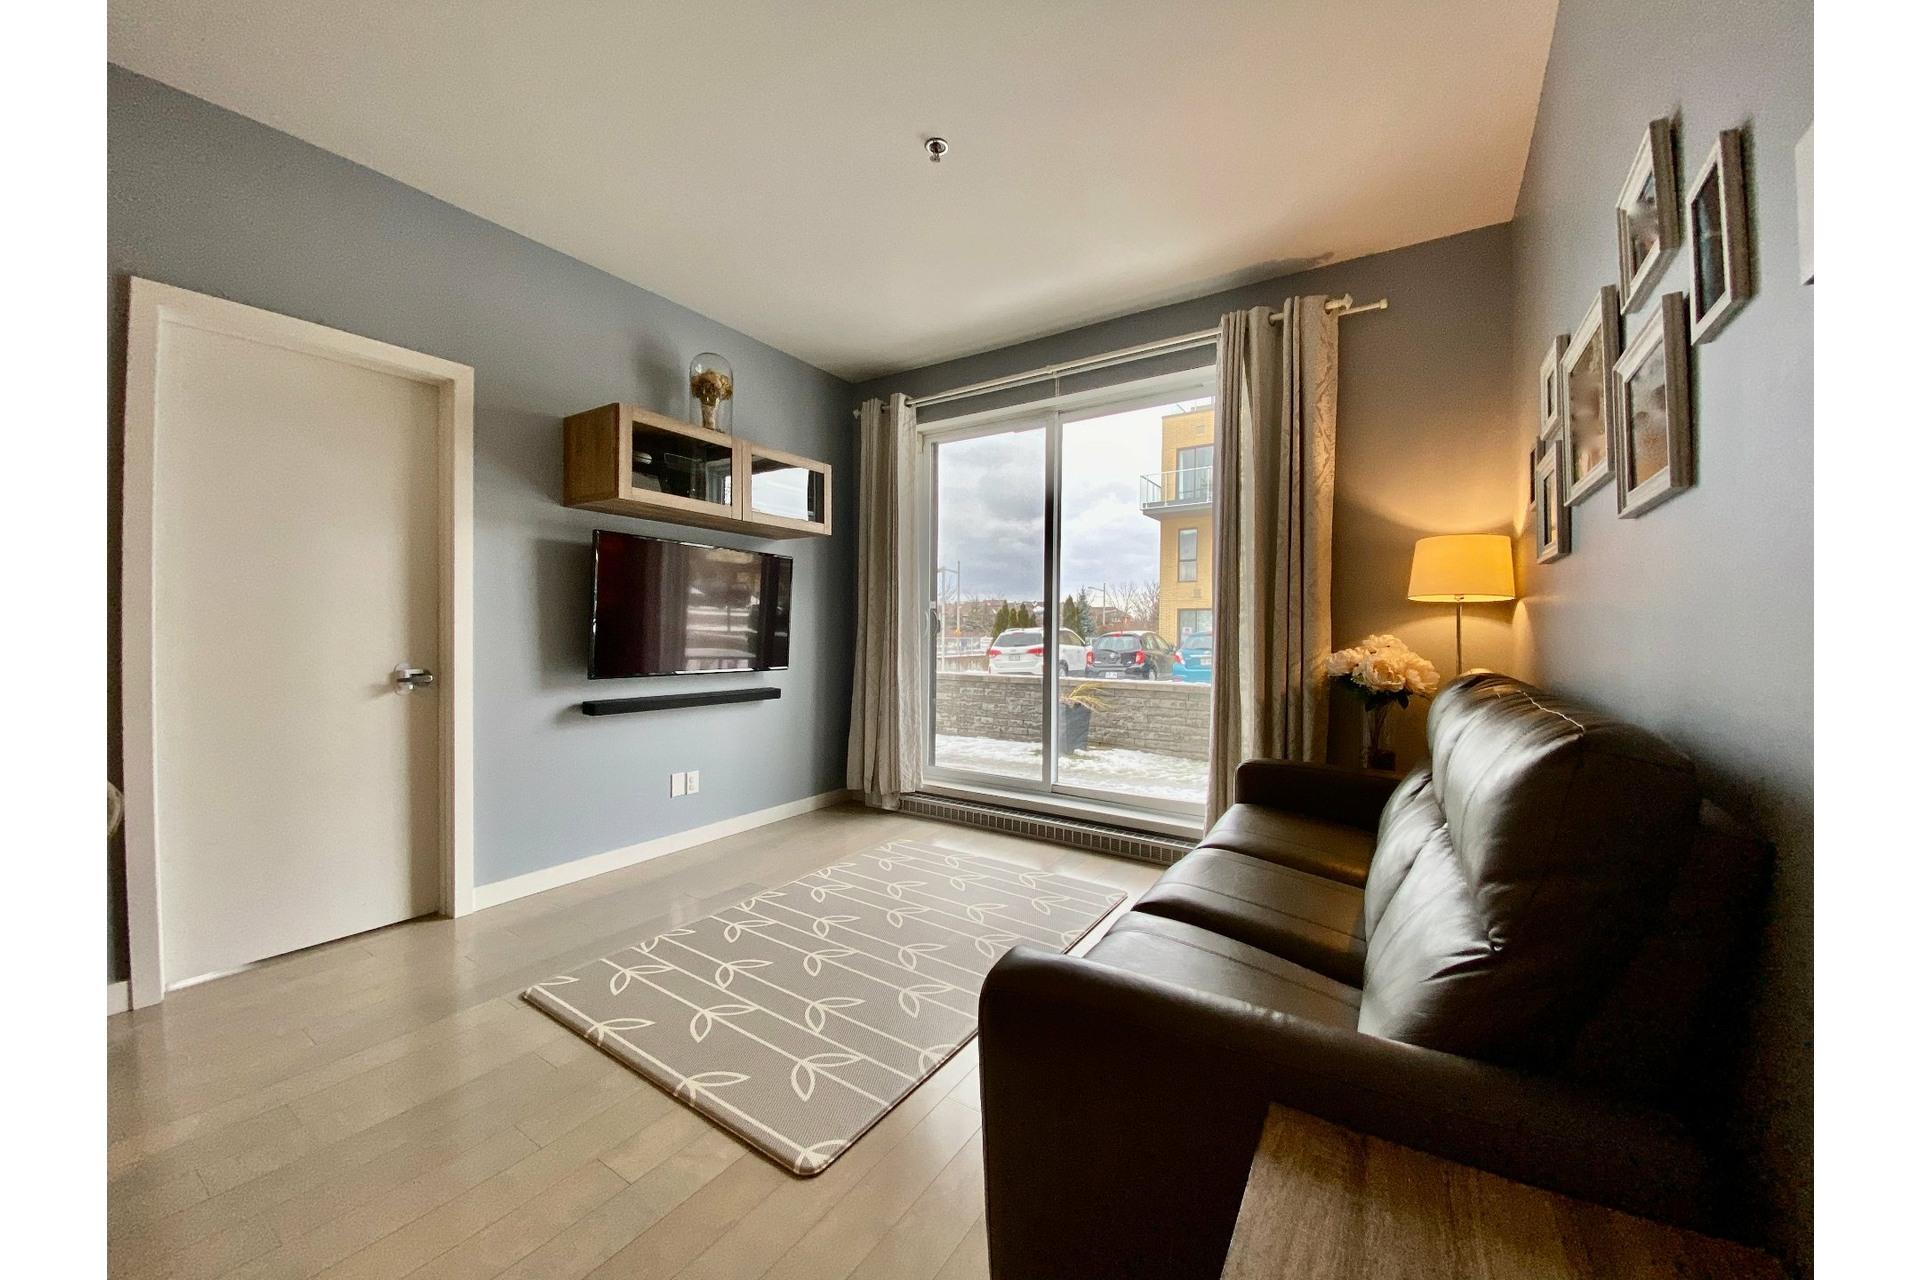 image 7 - Appartement À vendre Lachine Montréal  - 8 pièces